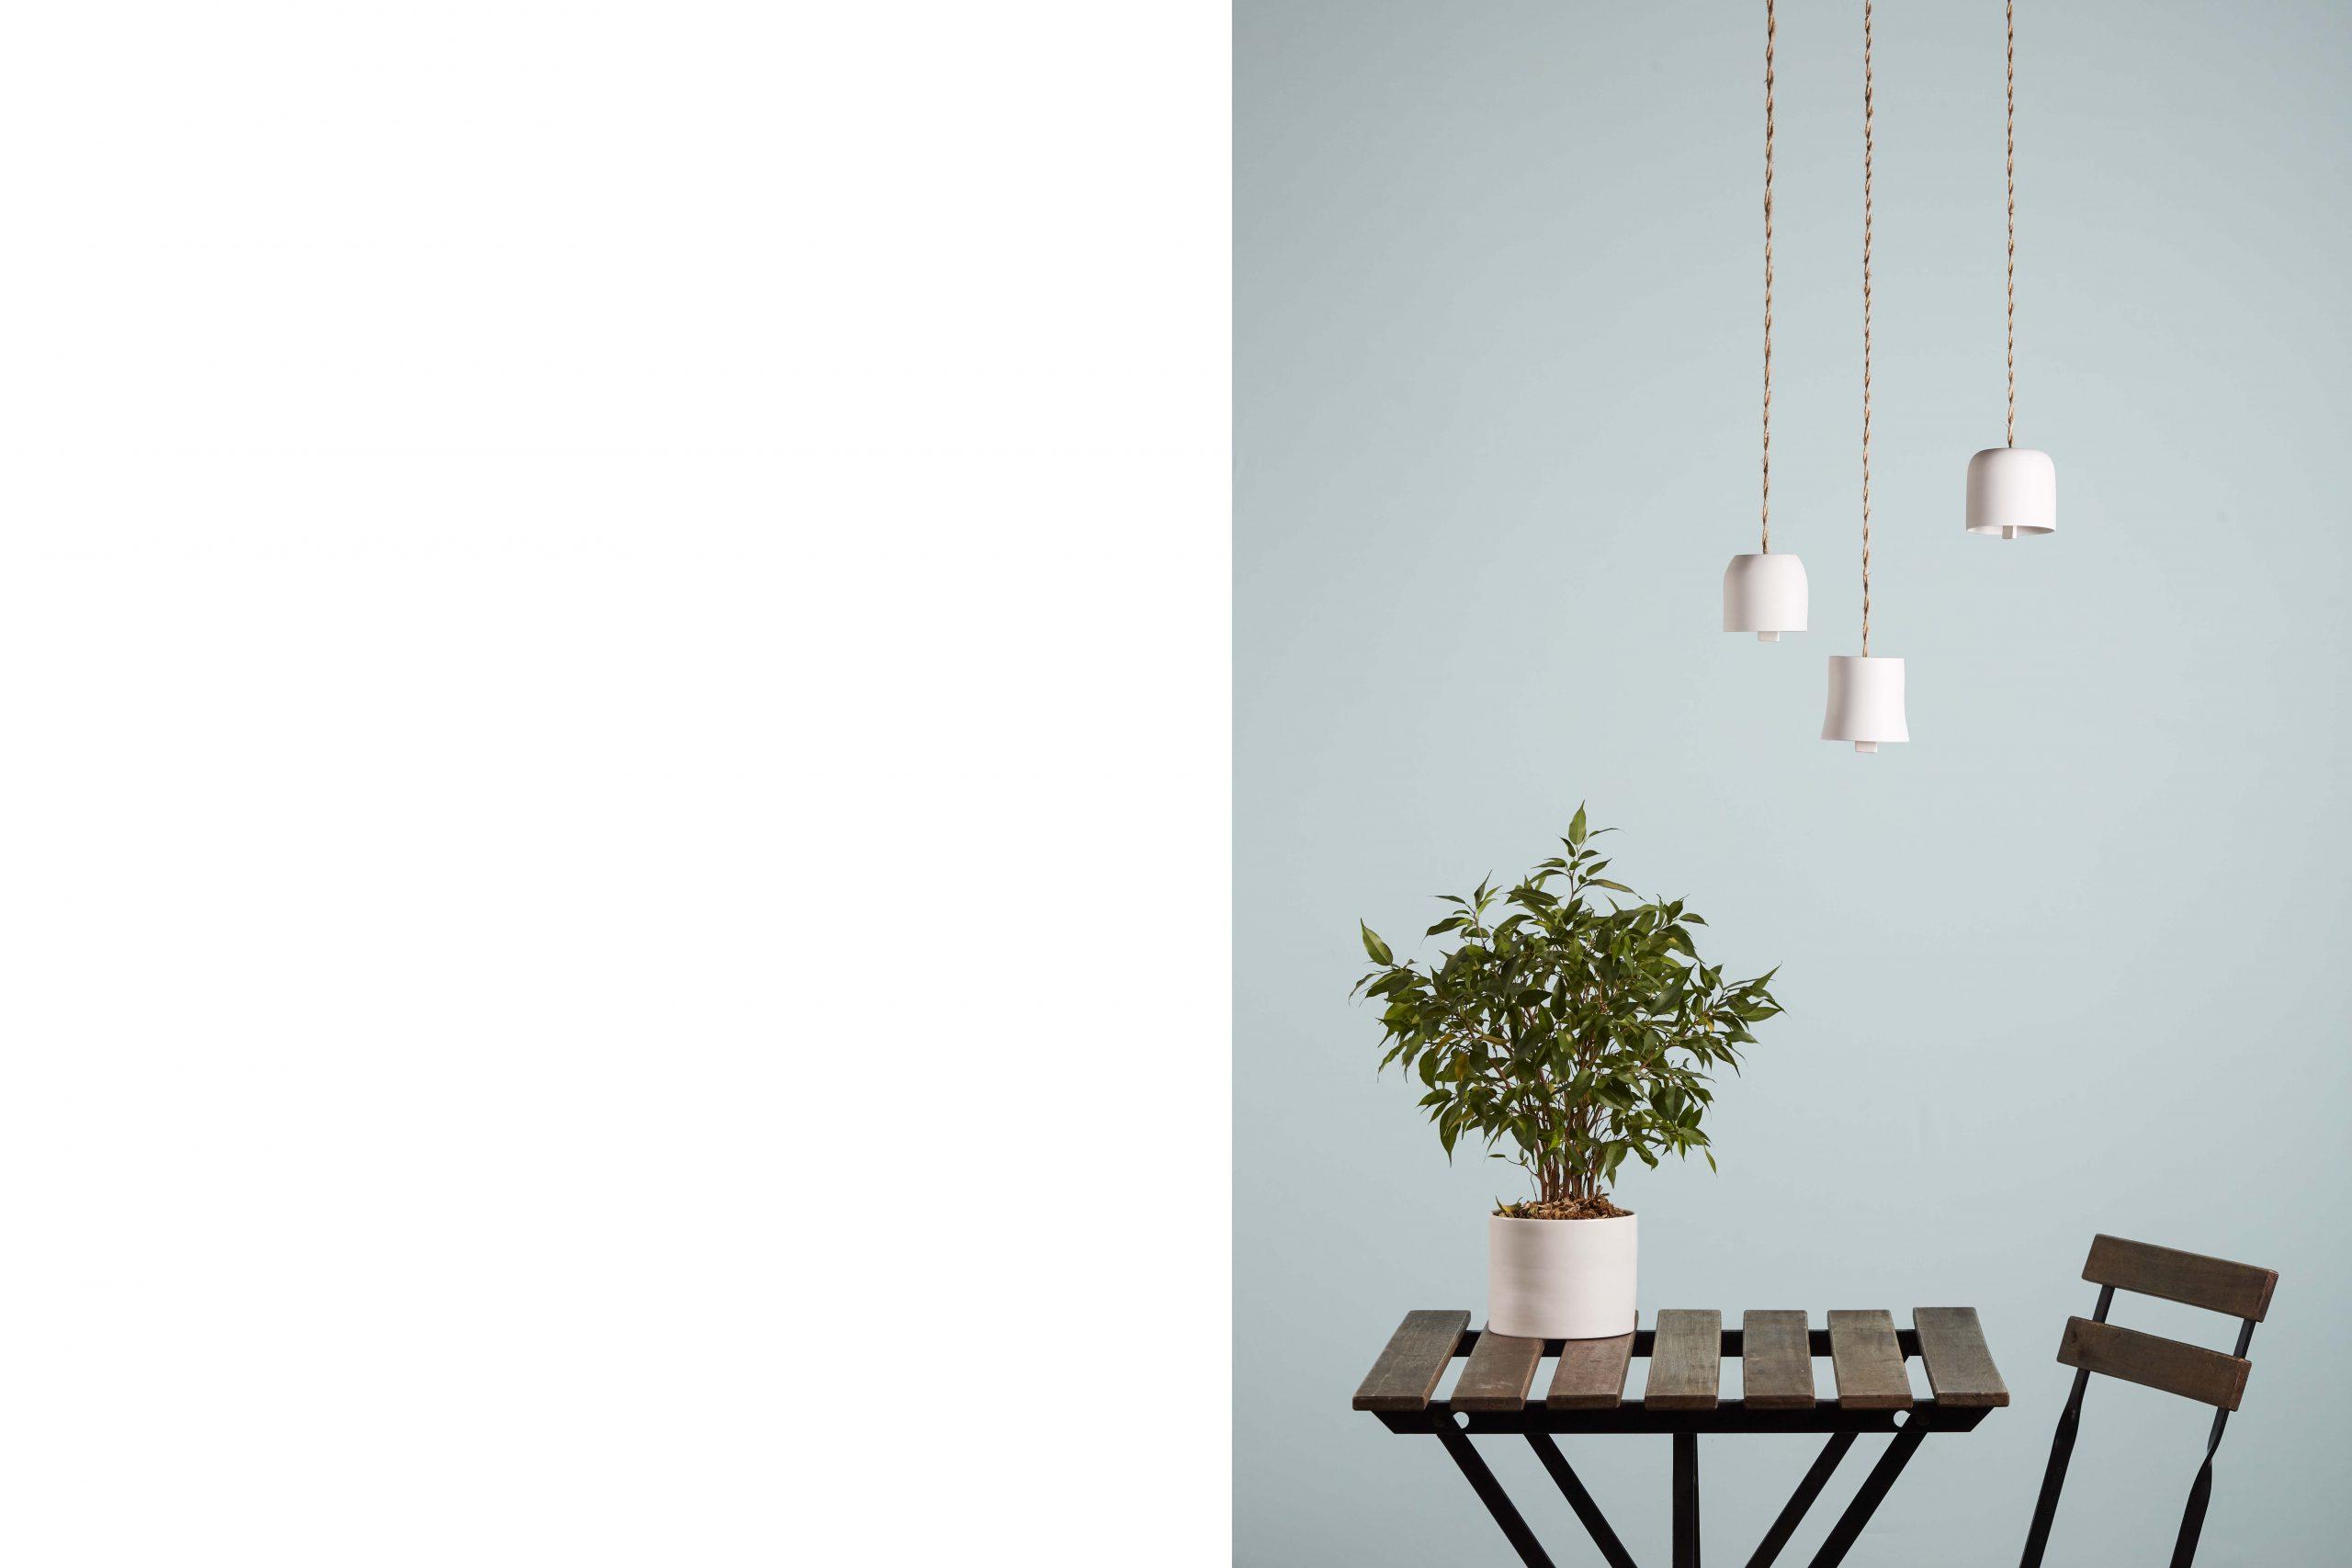 tre campanelle sospese su un tavolo da esterno con una pianta - artigianale - Federica Ramacciotti